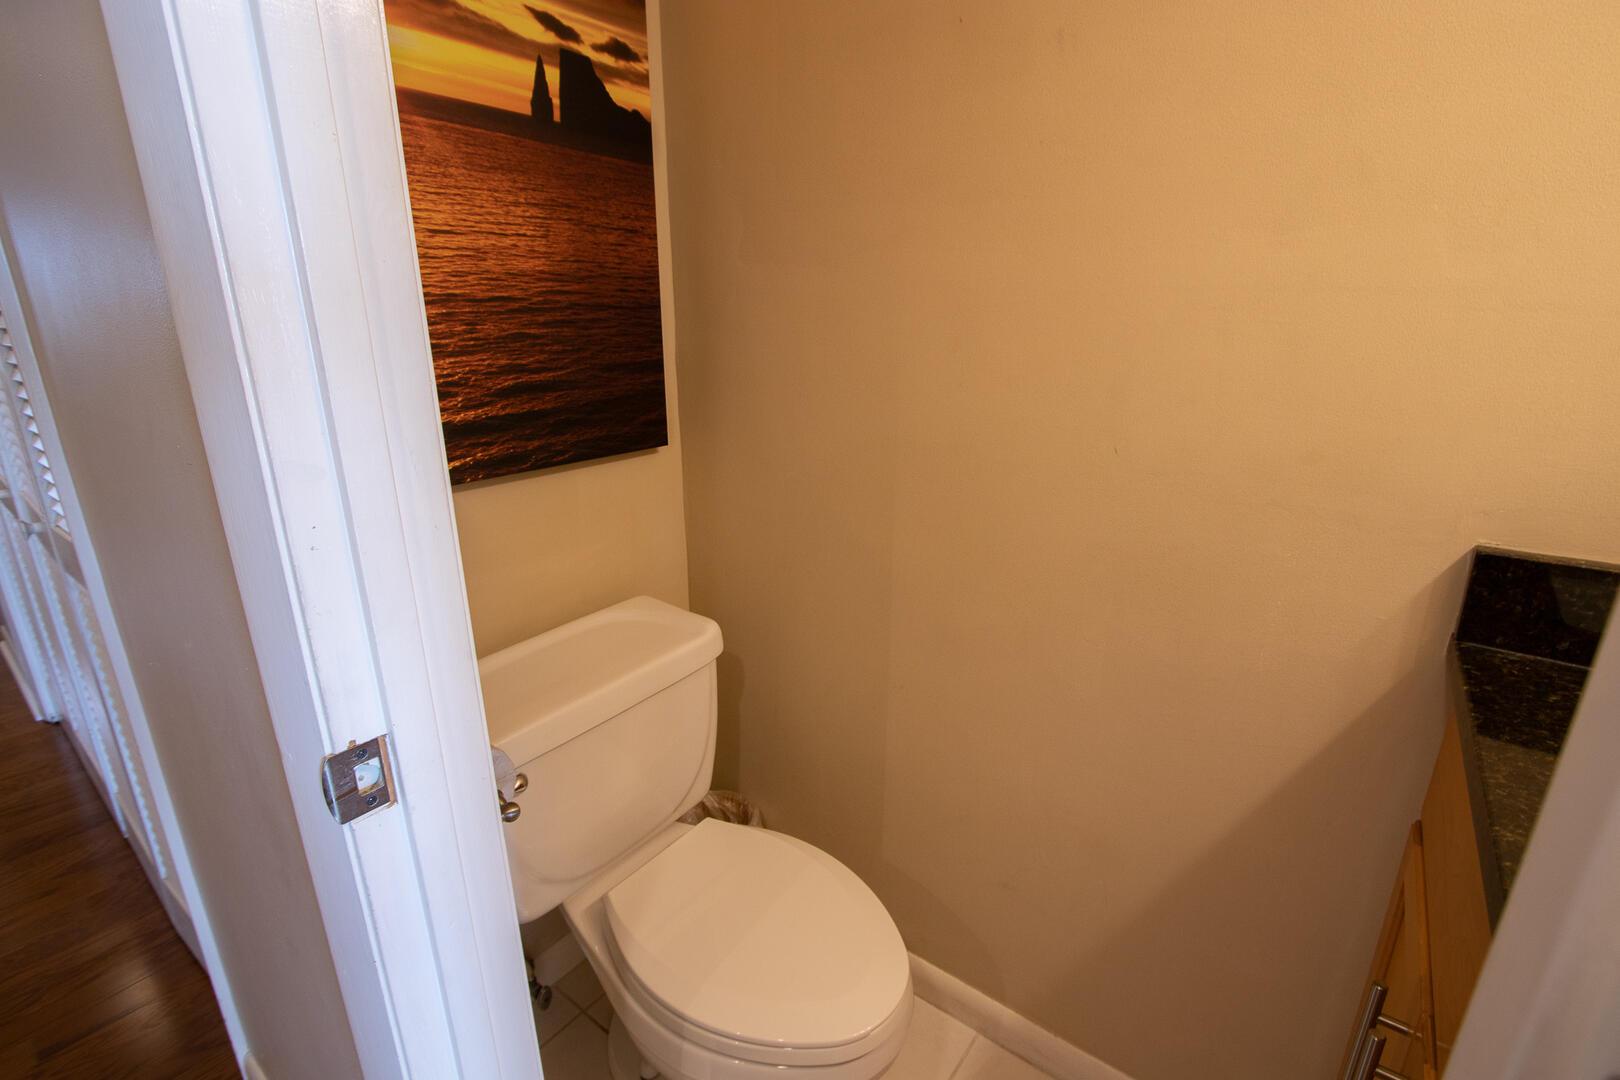 1/2 bath in hallway near kitchen